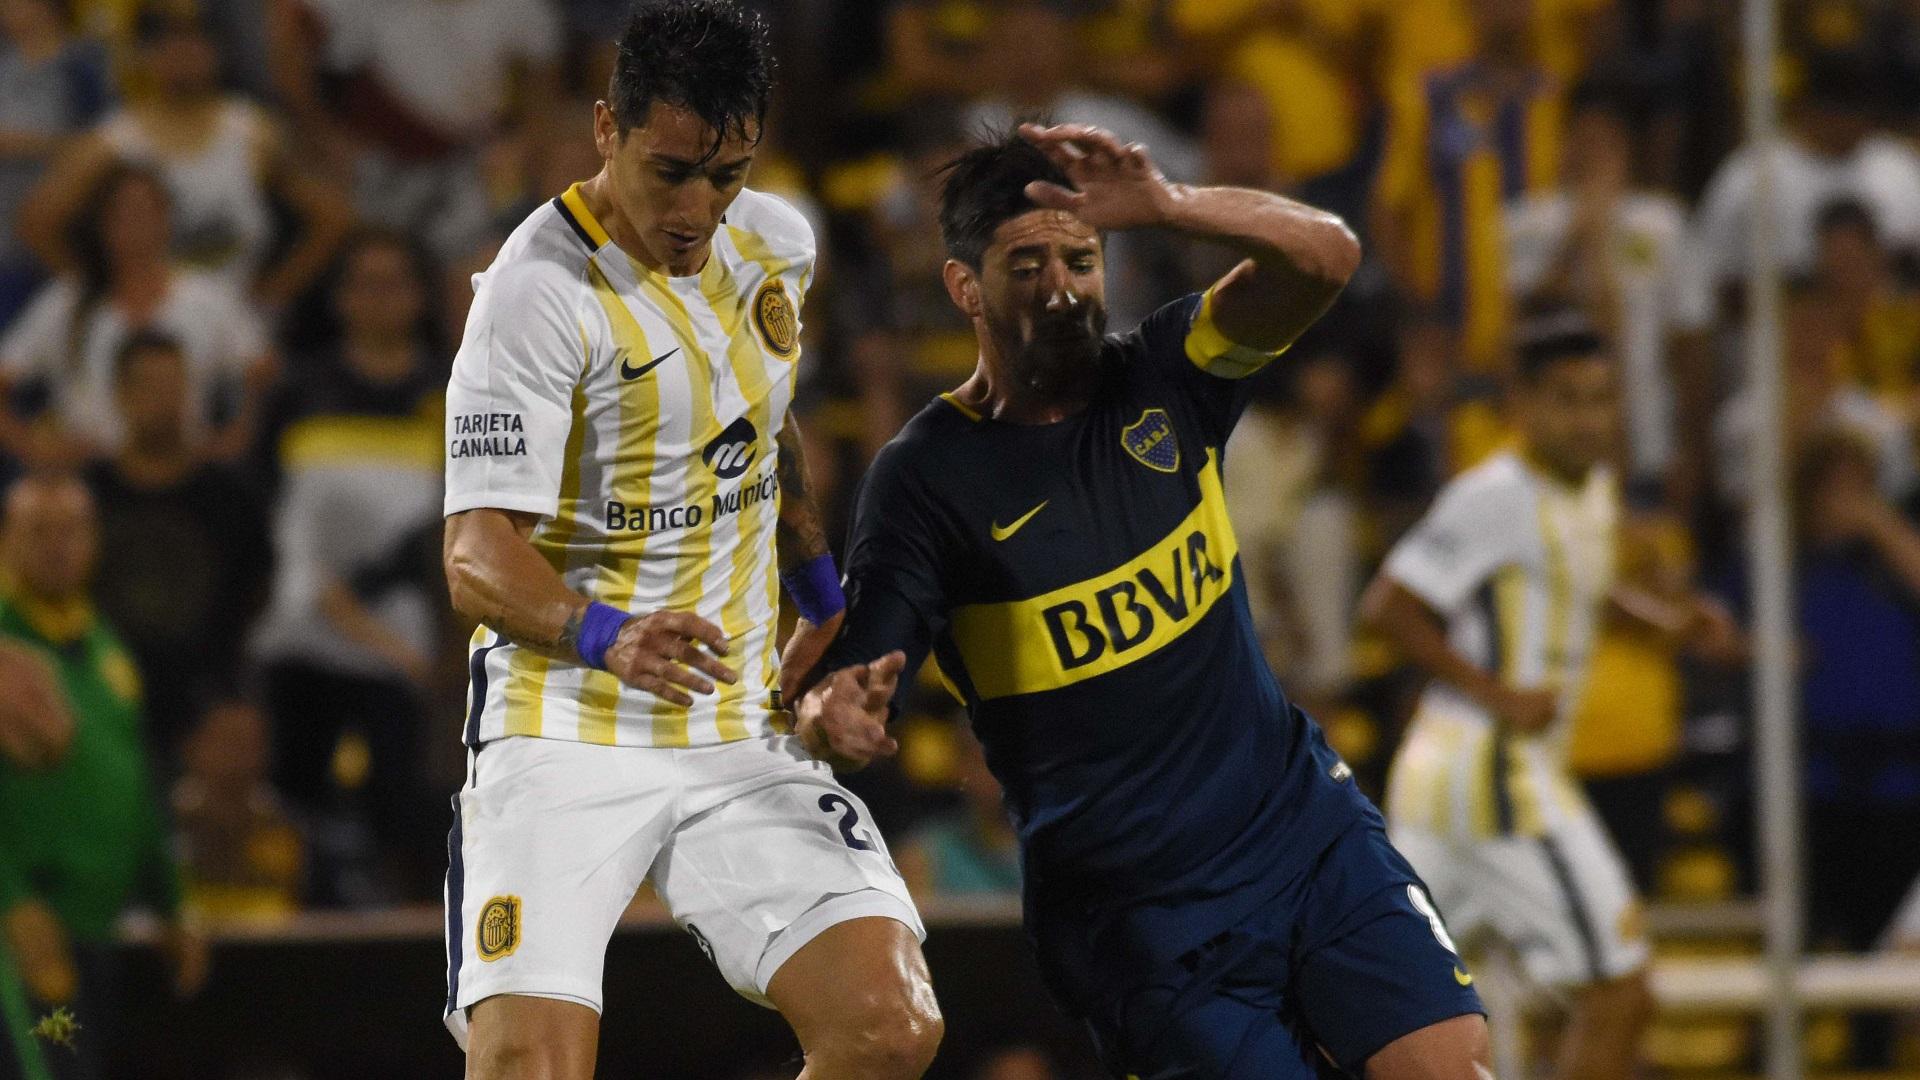 Foto: José Granata/Télam/CF